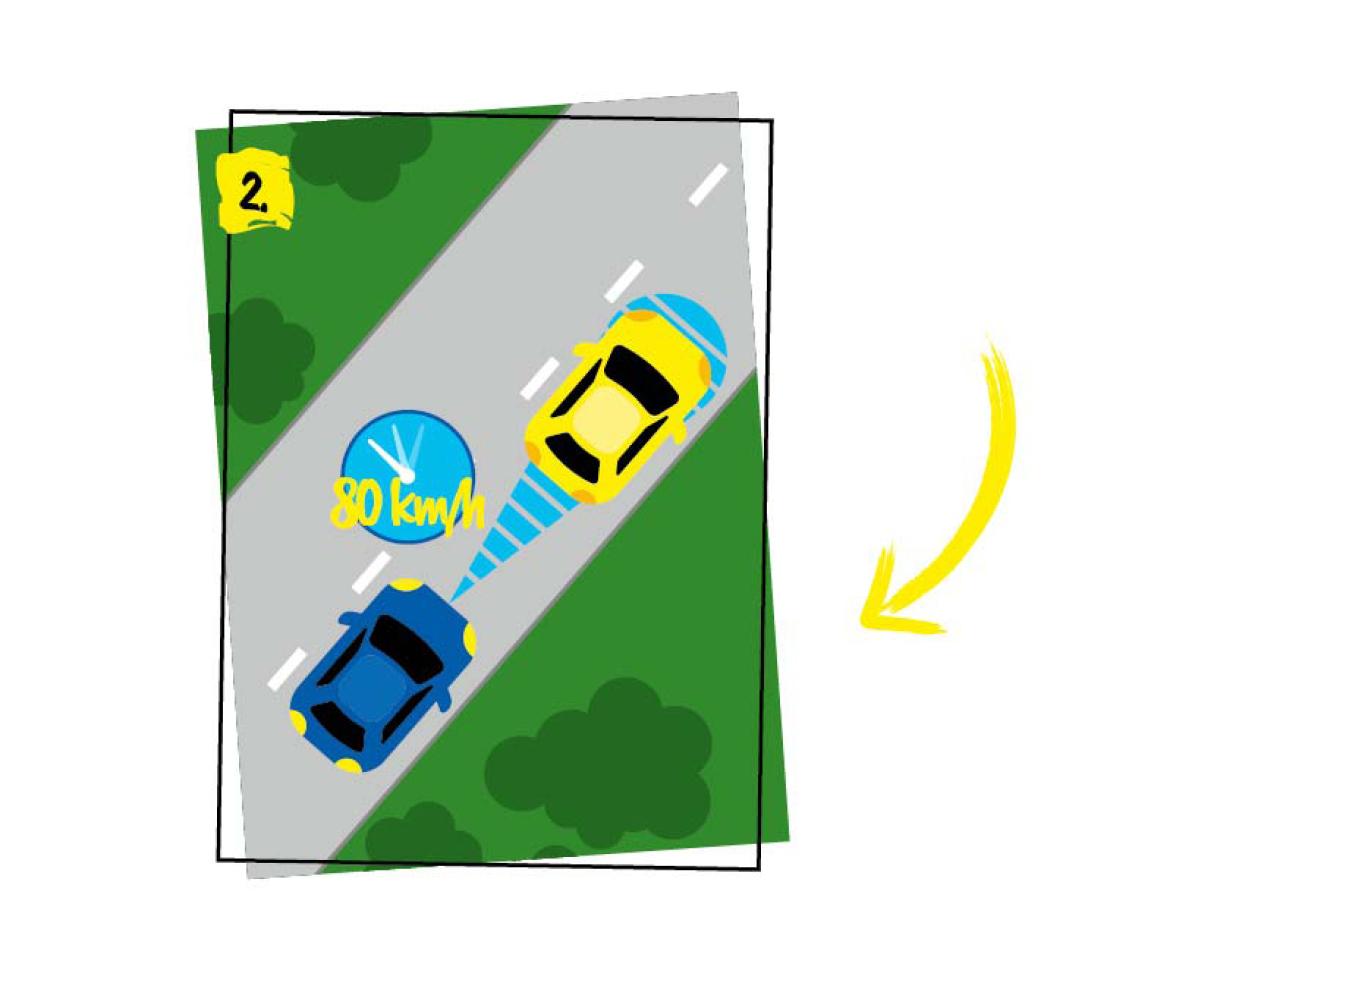 Abstandsregeltempomat Geschwindigkeit anpassen